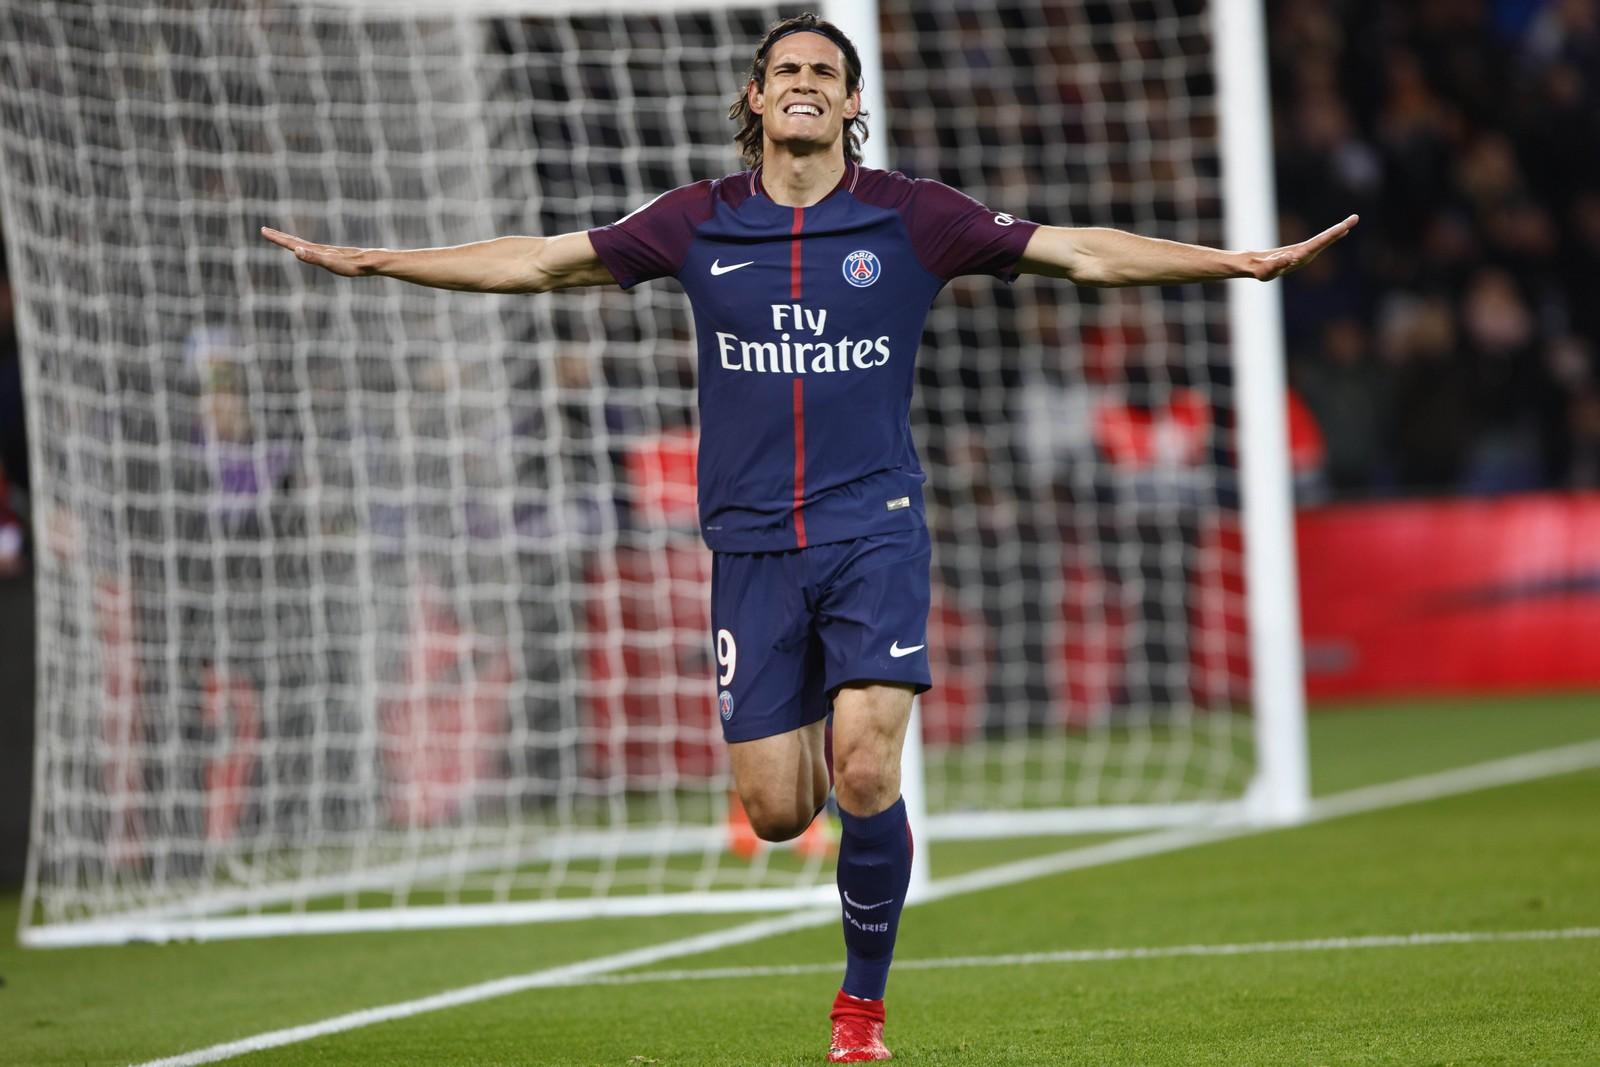 Jubelt Cavani wieder? Jetzt auf PSG vs Olympique Lyon wetten